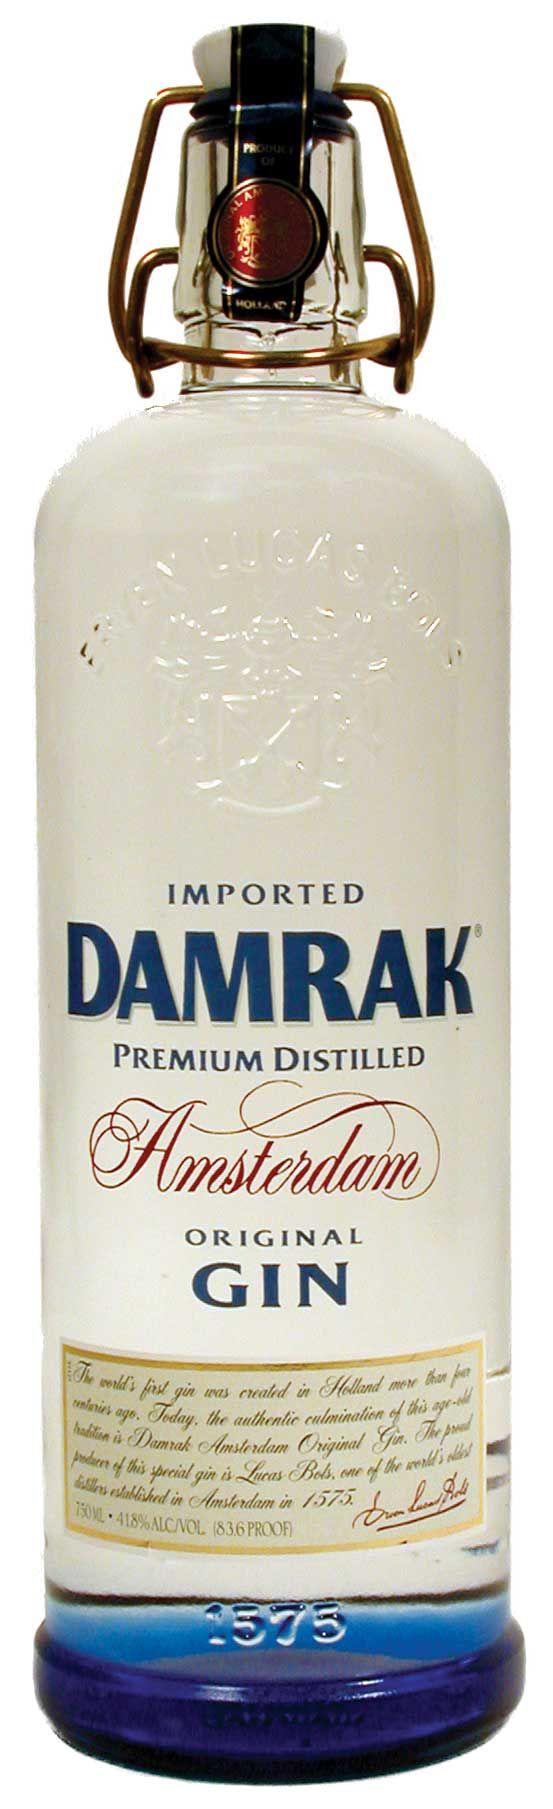 Sweet dutch gin produced by Bols